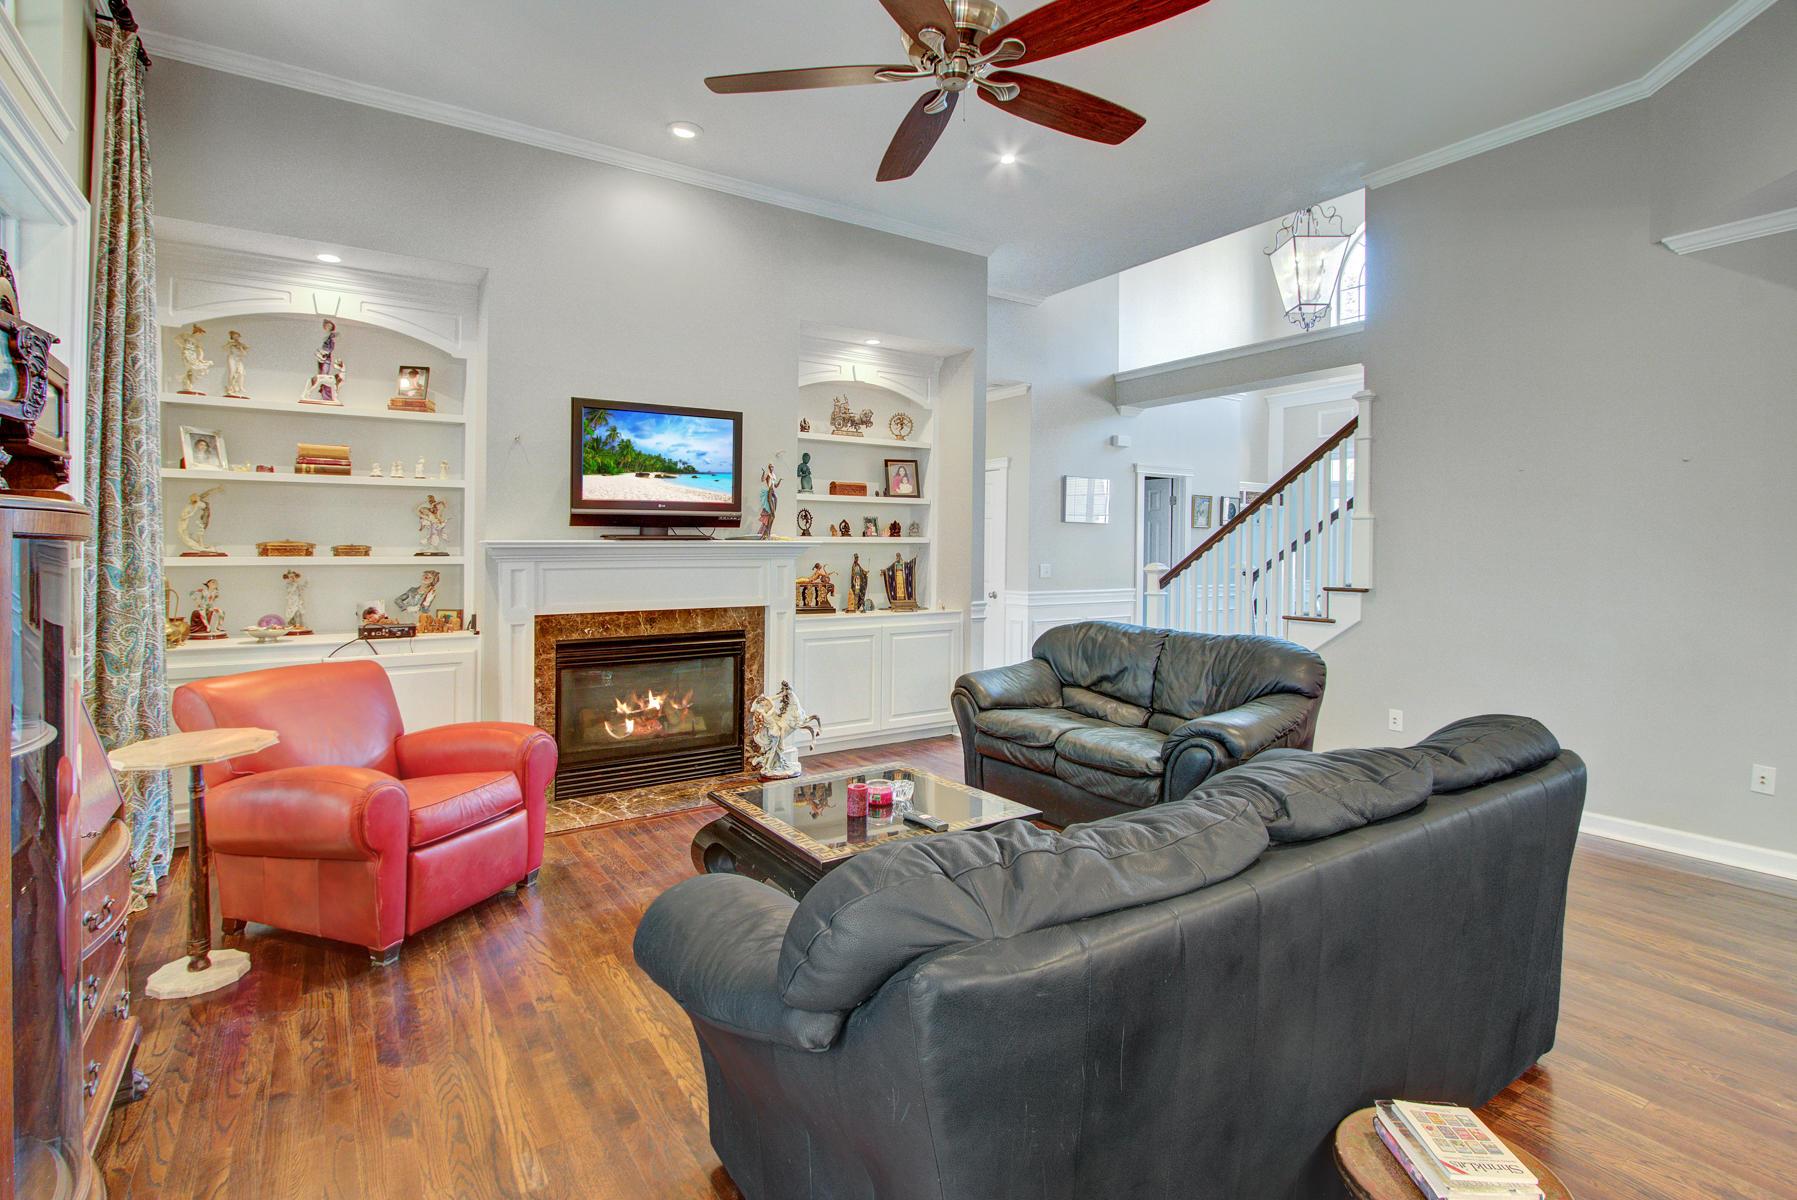 Dunes West Homes For Sale - 2104 Short Grass, Mount Pleasant, SC - 5